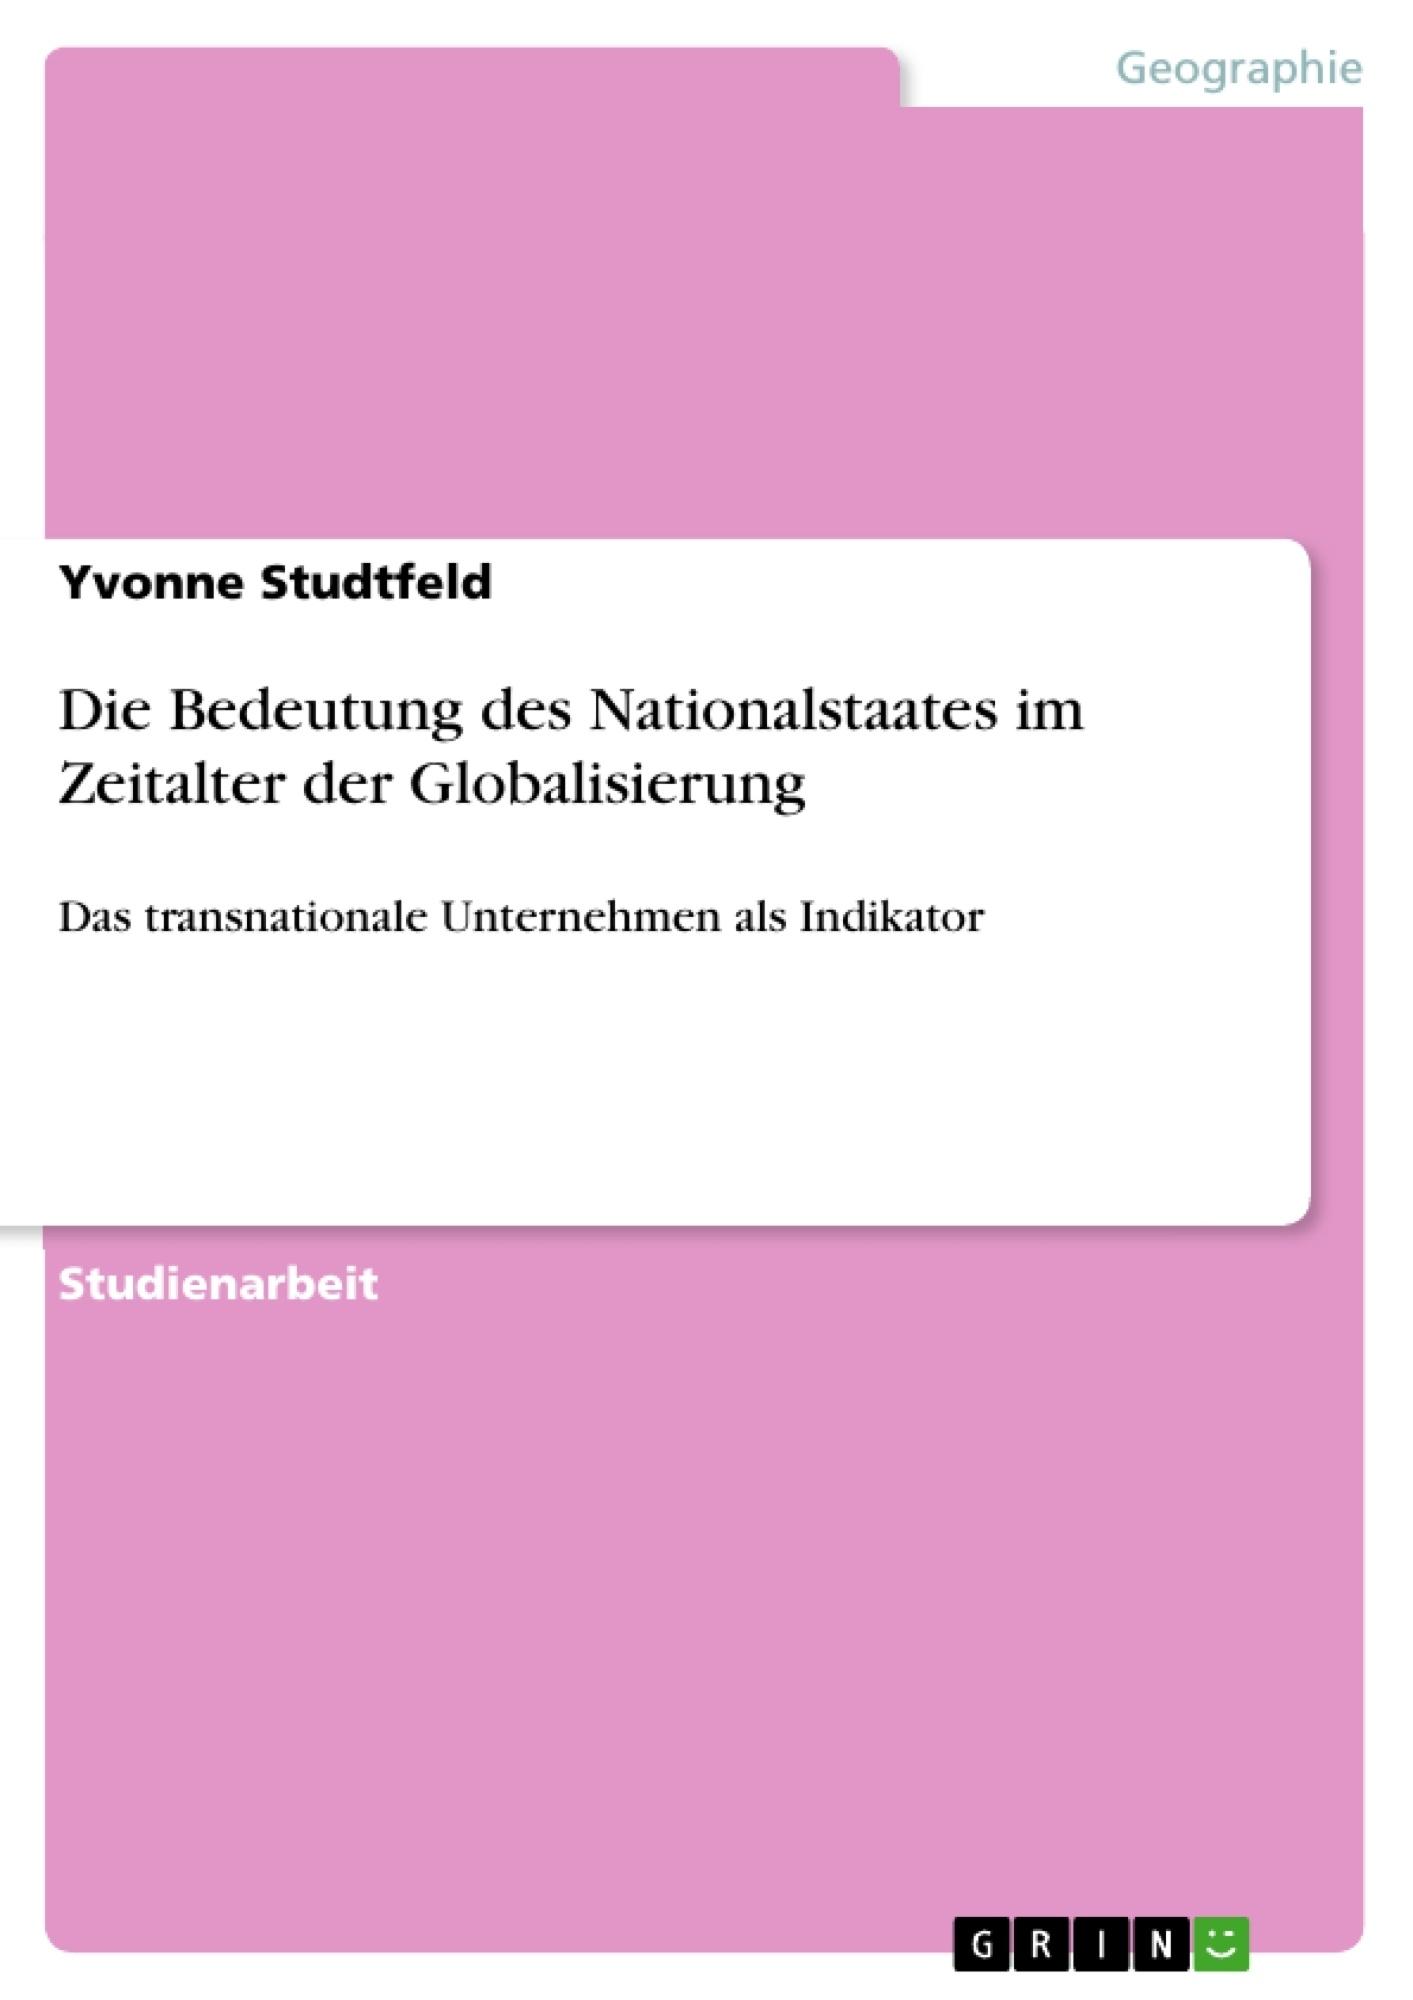 Titel: Die Bedeutung des Nationalstaates im Zeitalter der Globalisierung